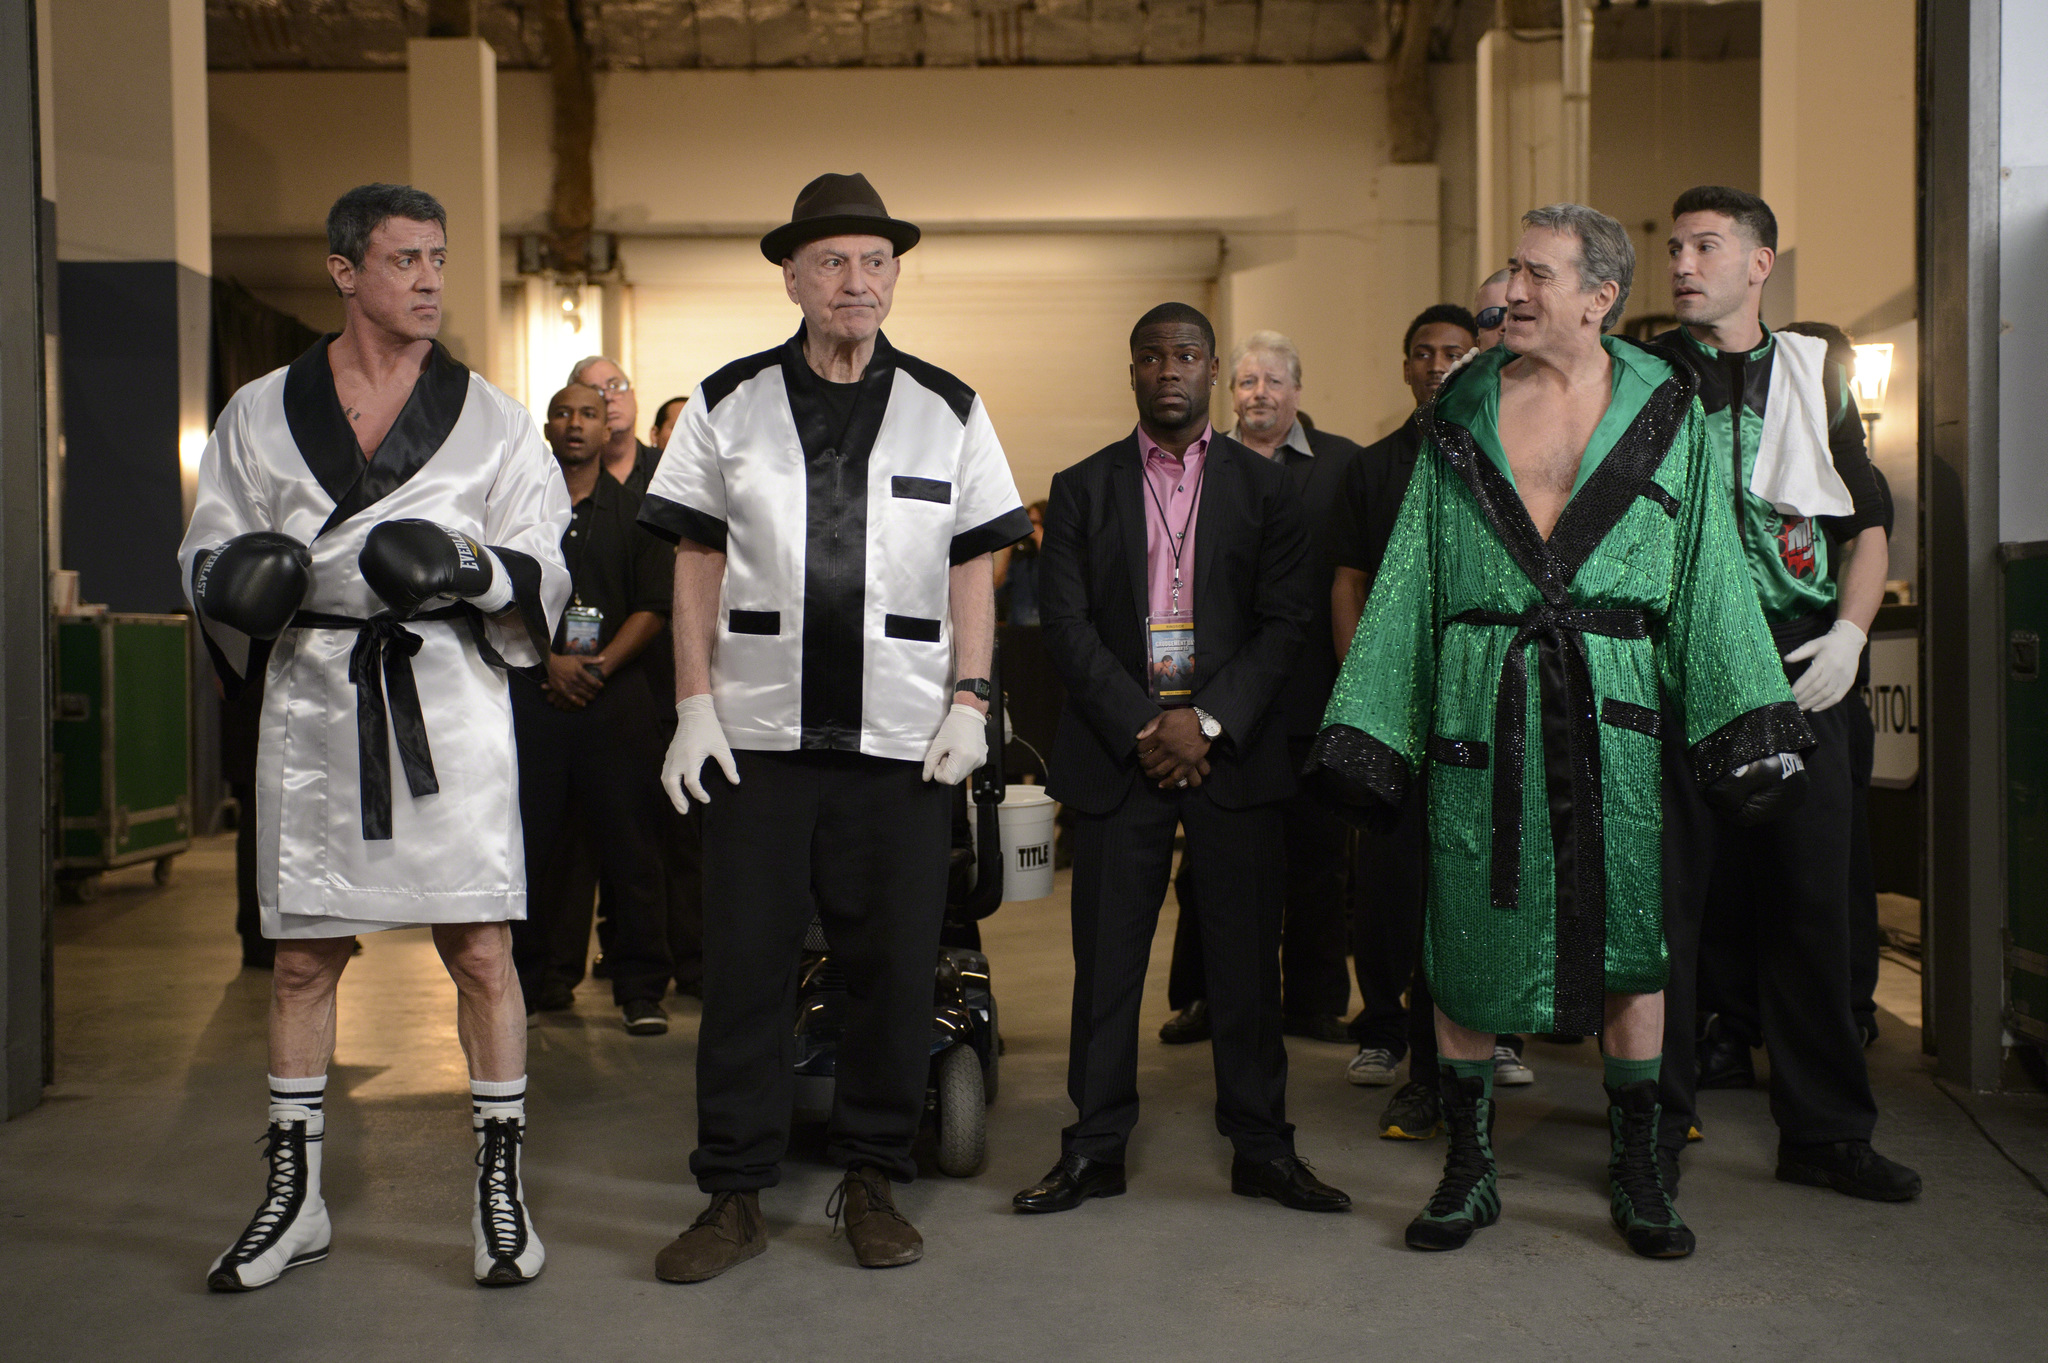 Sylvester-Stallone-Alan-Arkin-Kevin-Hart-Robert-De-Niro-and-Jon-Bernthal-in-Grudge-Match.jpg